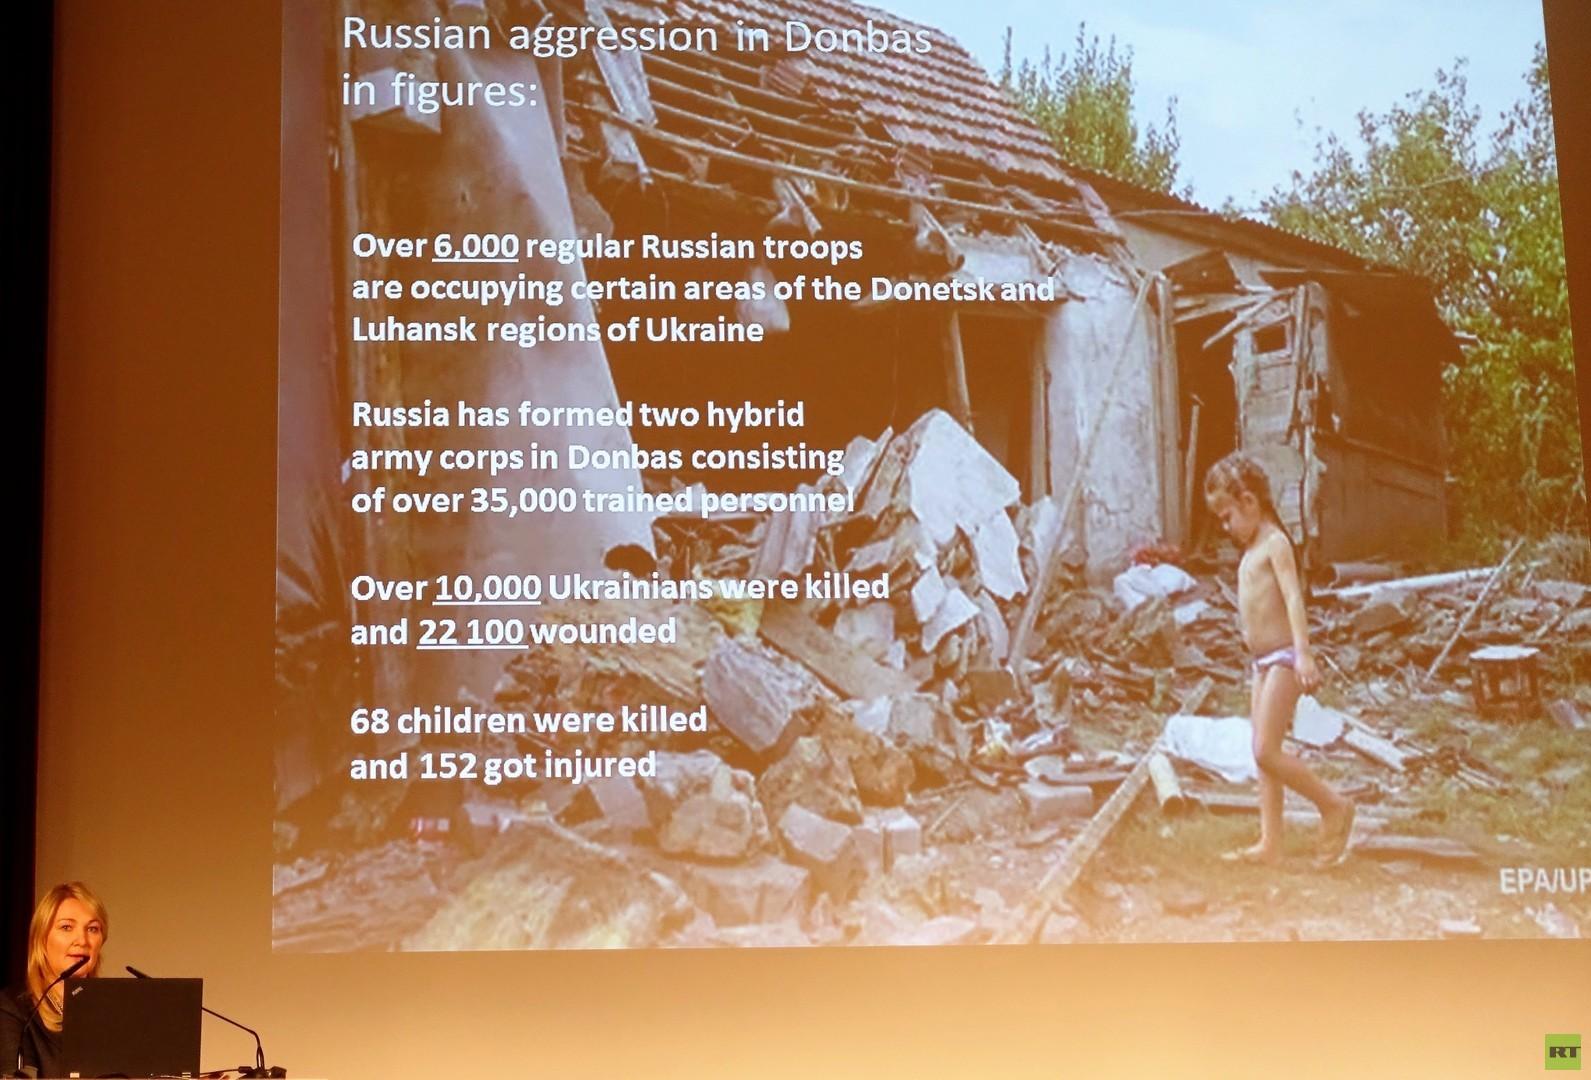 Gernot Erler zum Konflikt in der Ostukraine: Vernunft und Pragmatismus statt antirussischer Hetze